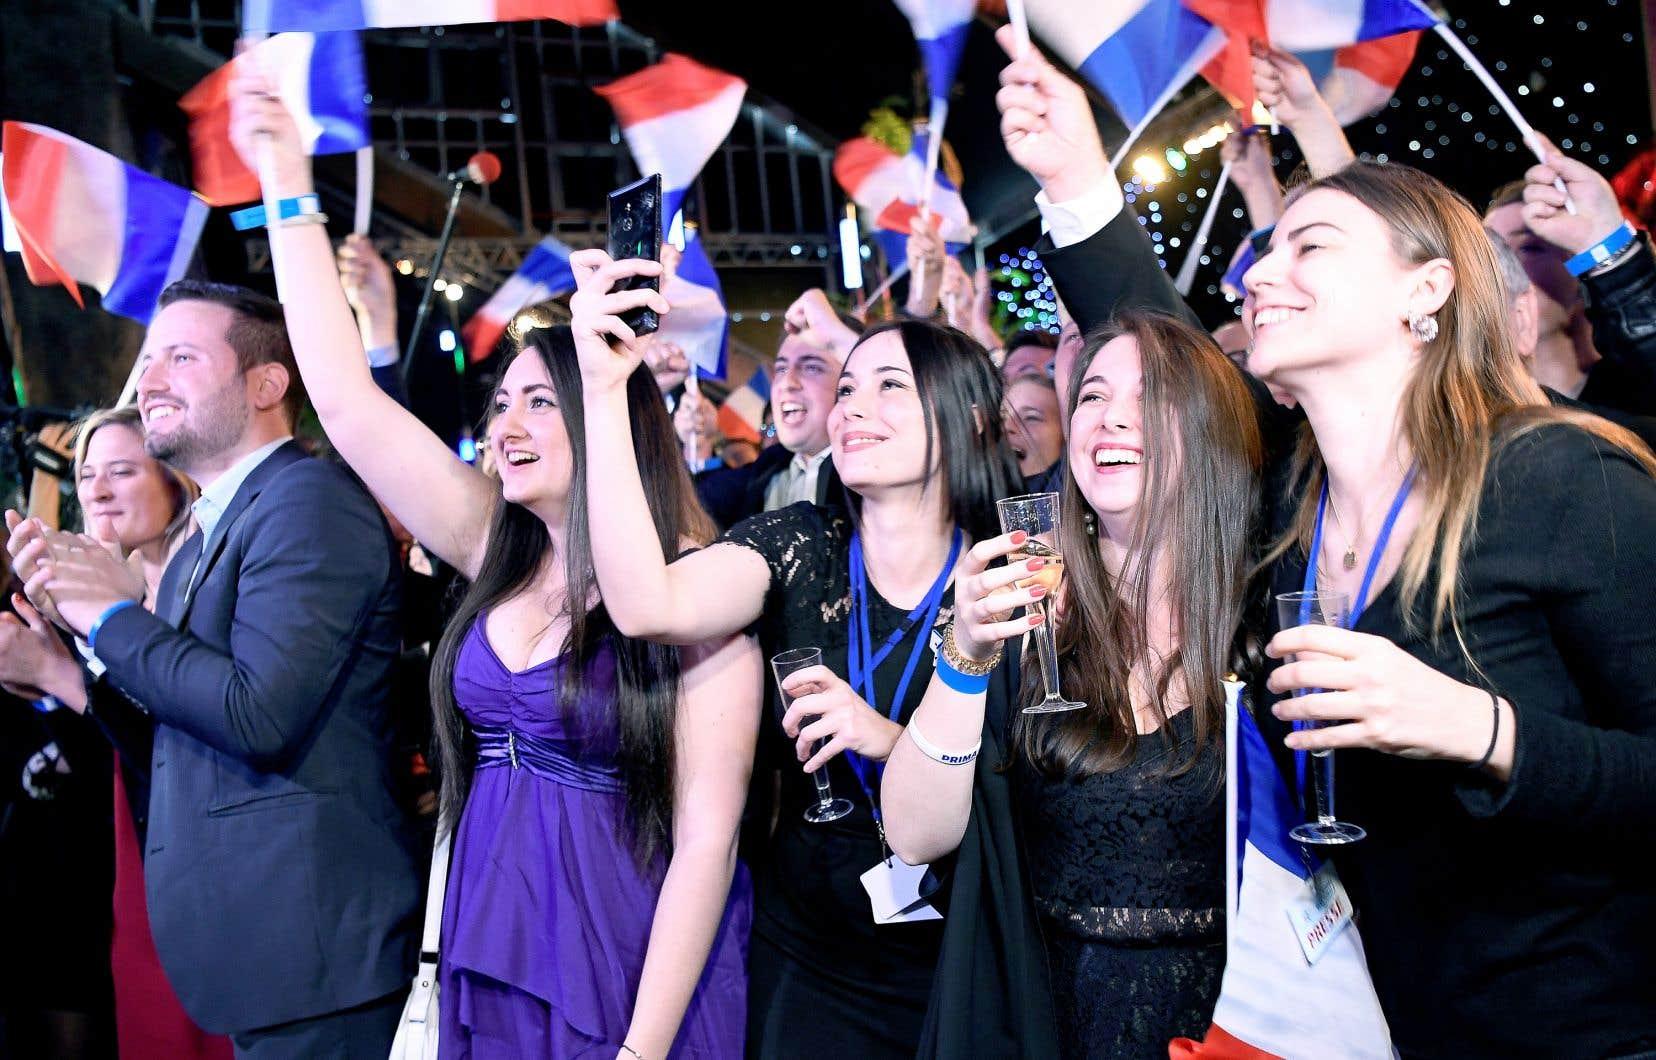 Le mouvement incarné par le Rassemblement national se veut plus jeune et plus décomplexé, selon une récente étude de la Fondation Jean Jaurès.